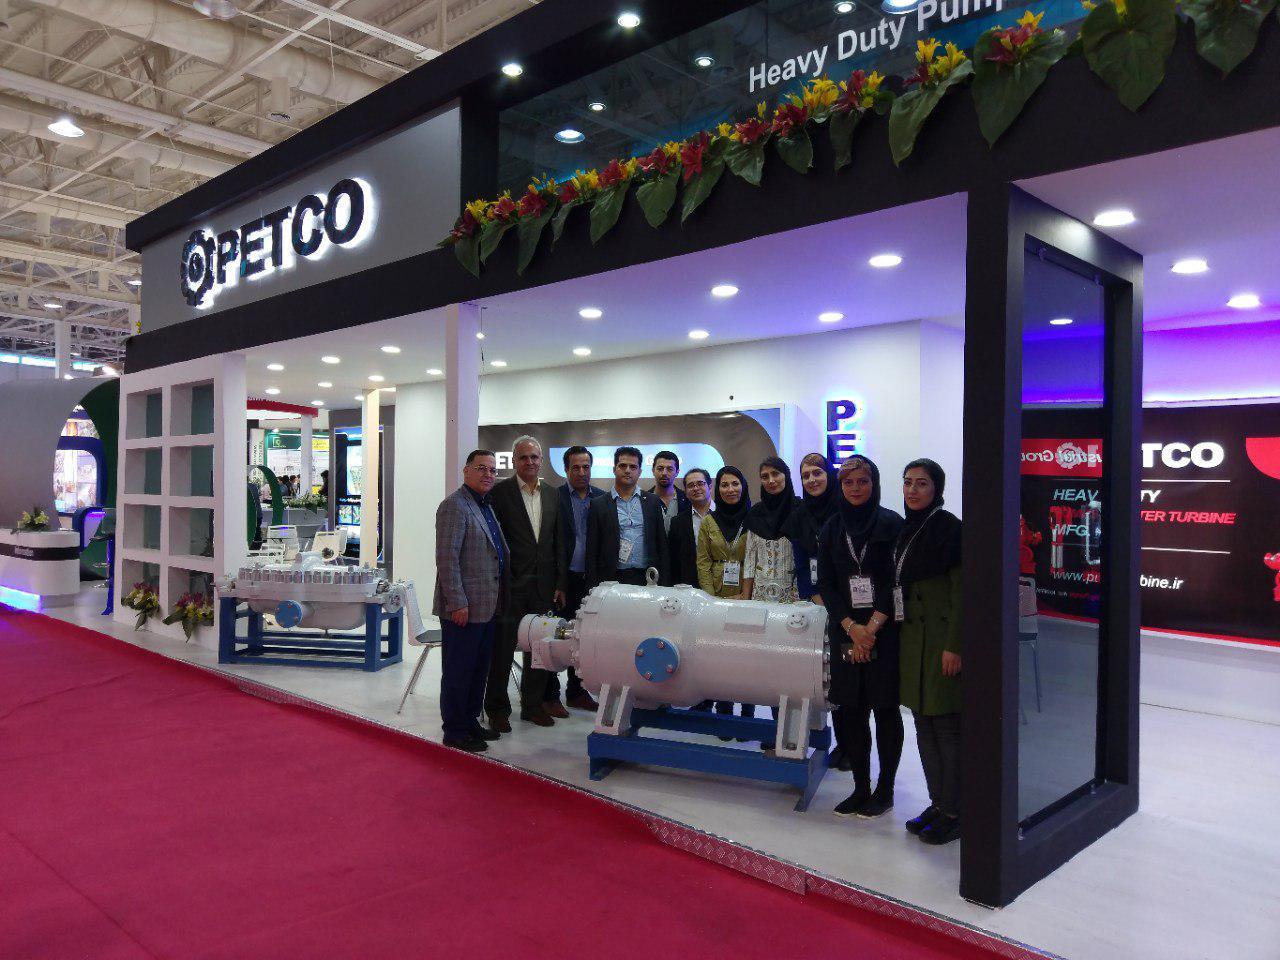 غرفه شرکت پتکو در بیست و سومین نمایشگاه بین المللی نفت، گاز، پالایش و پتروشیمی